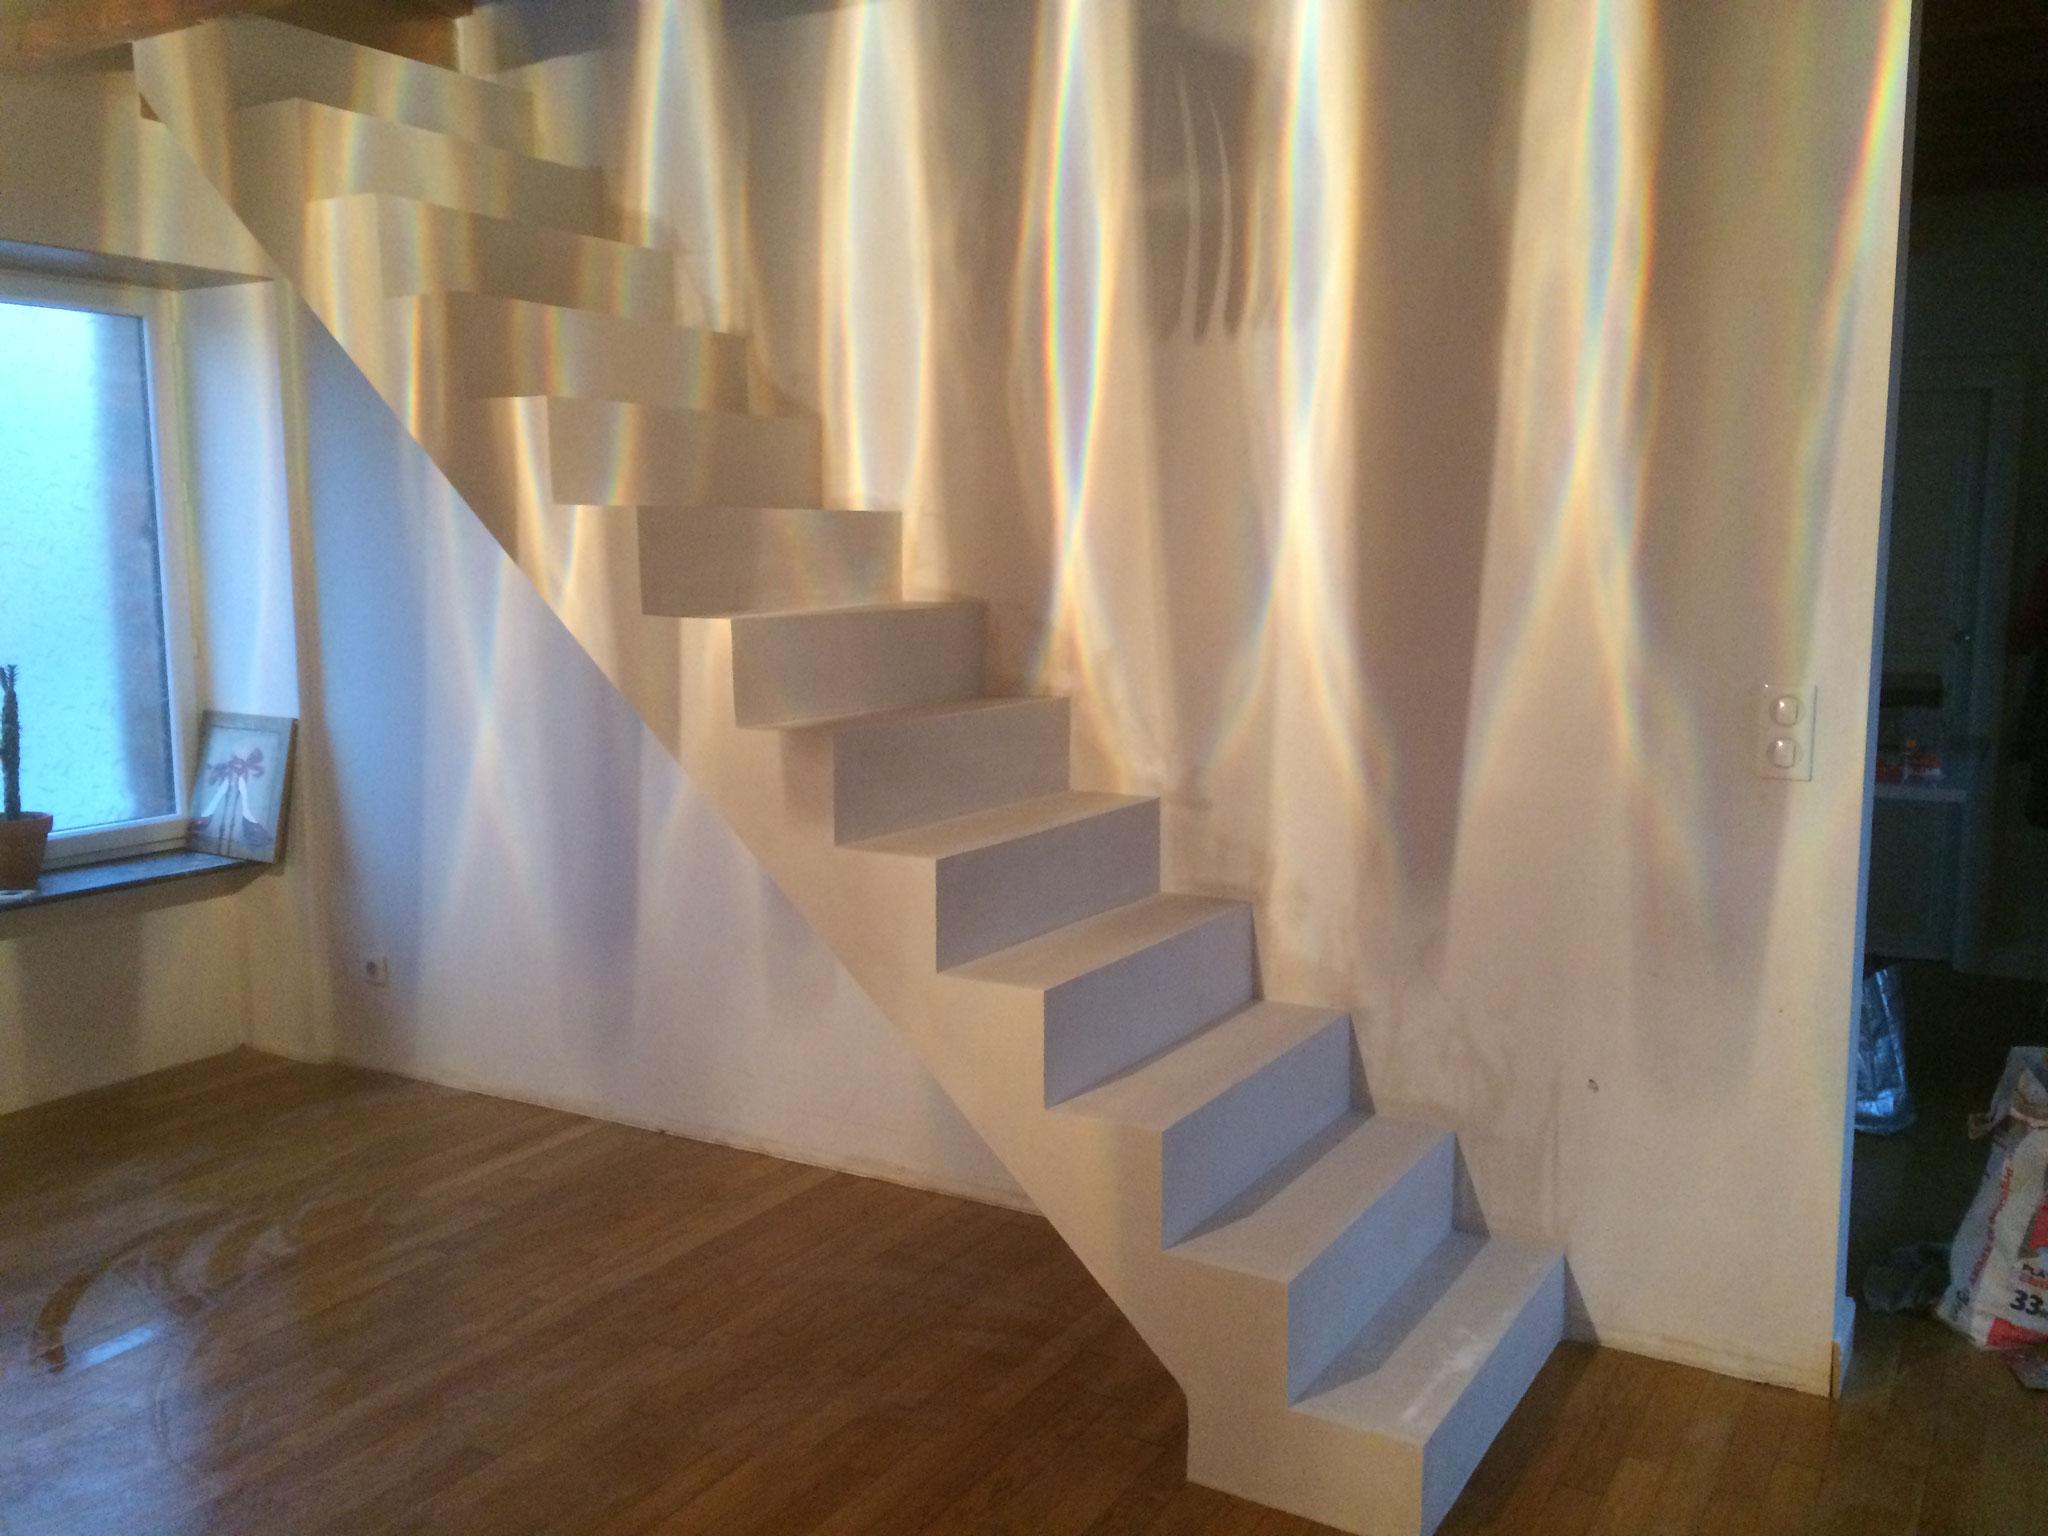 escalier sur voute sarrasine( brique et platre)